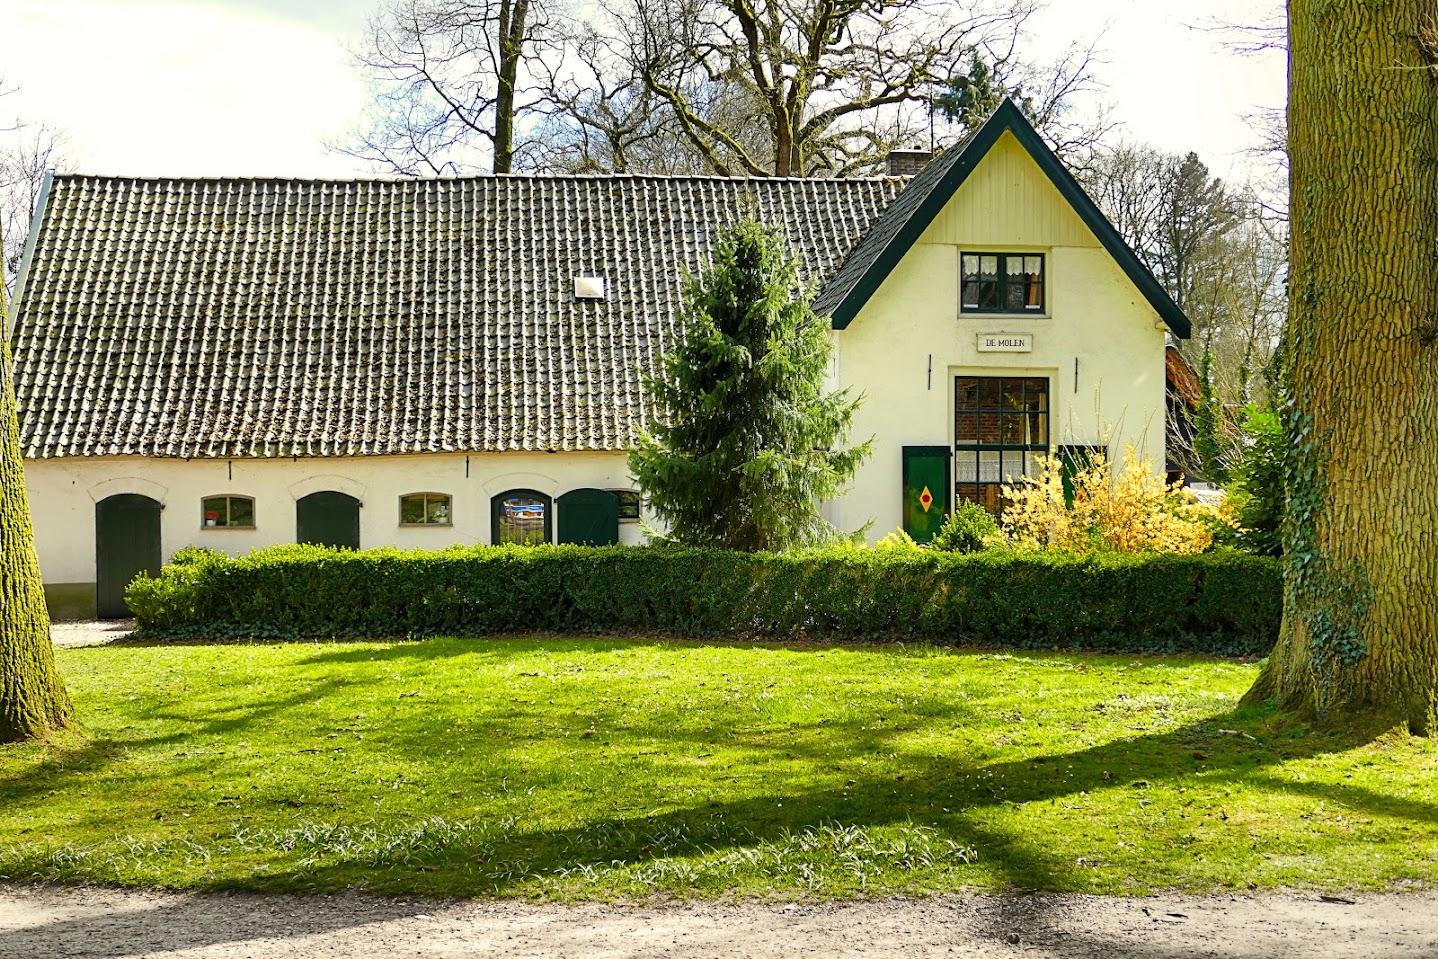 Aangeboden door: Stichting Microtoerisme InZicht Fotoblog Staverden water molen